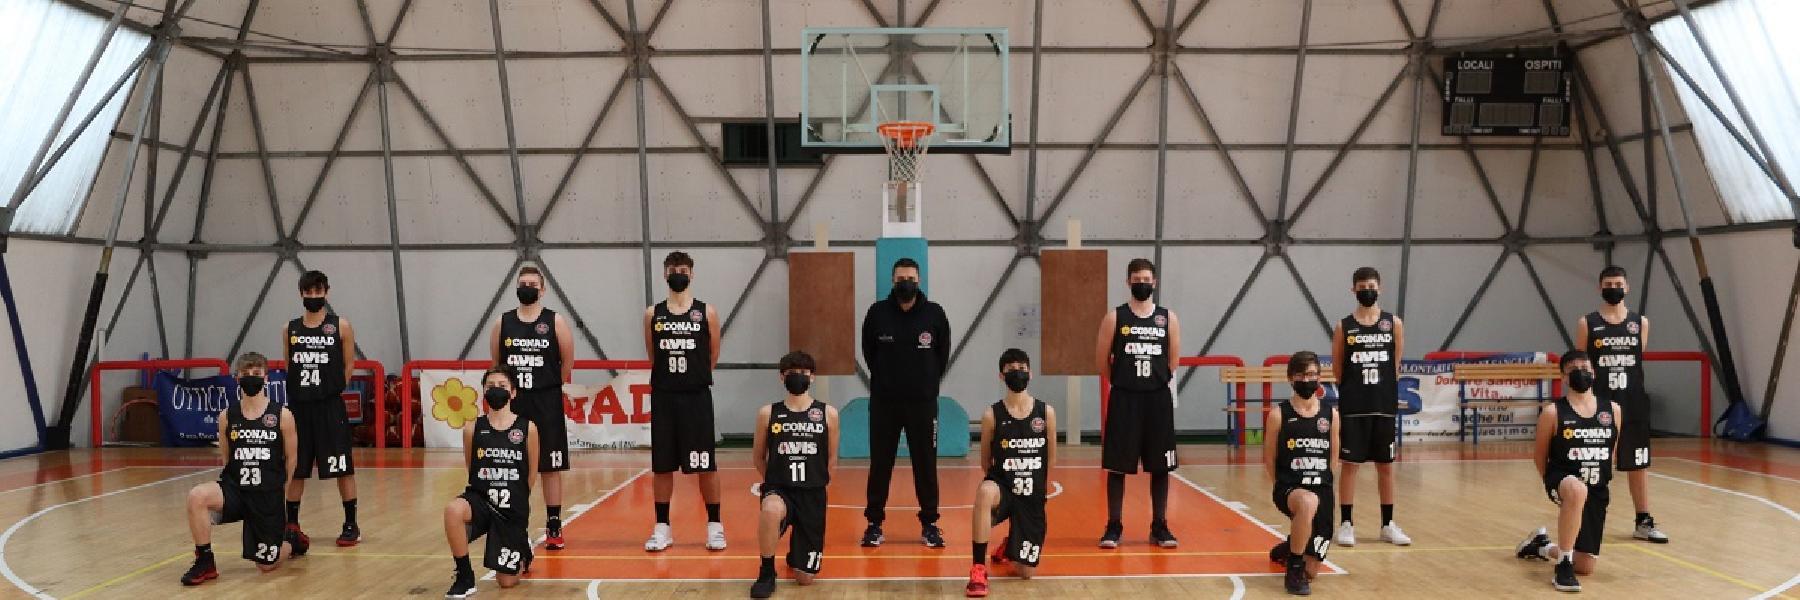 https://www.basketmarche.it/immagini_articoli/29-04-2021/campionati-squadre-giovanili-robur-family-osimo-600.jpg